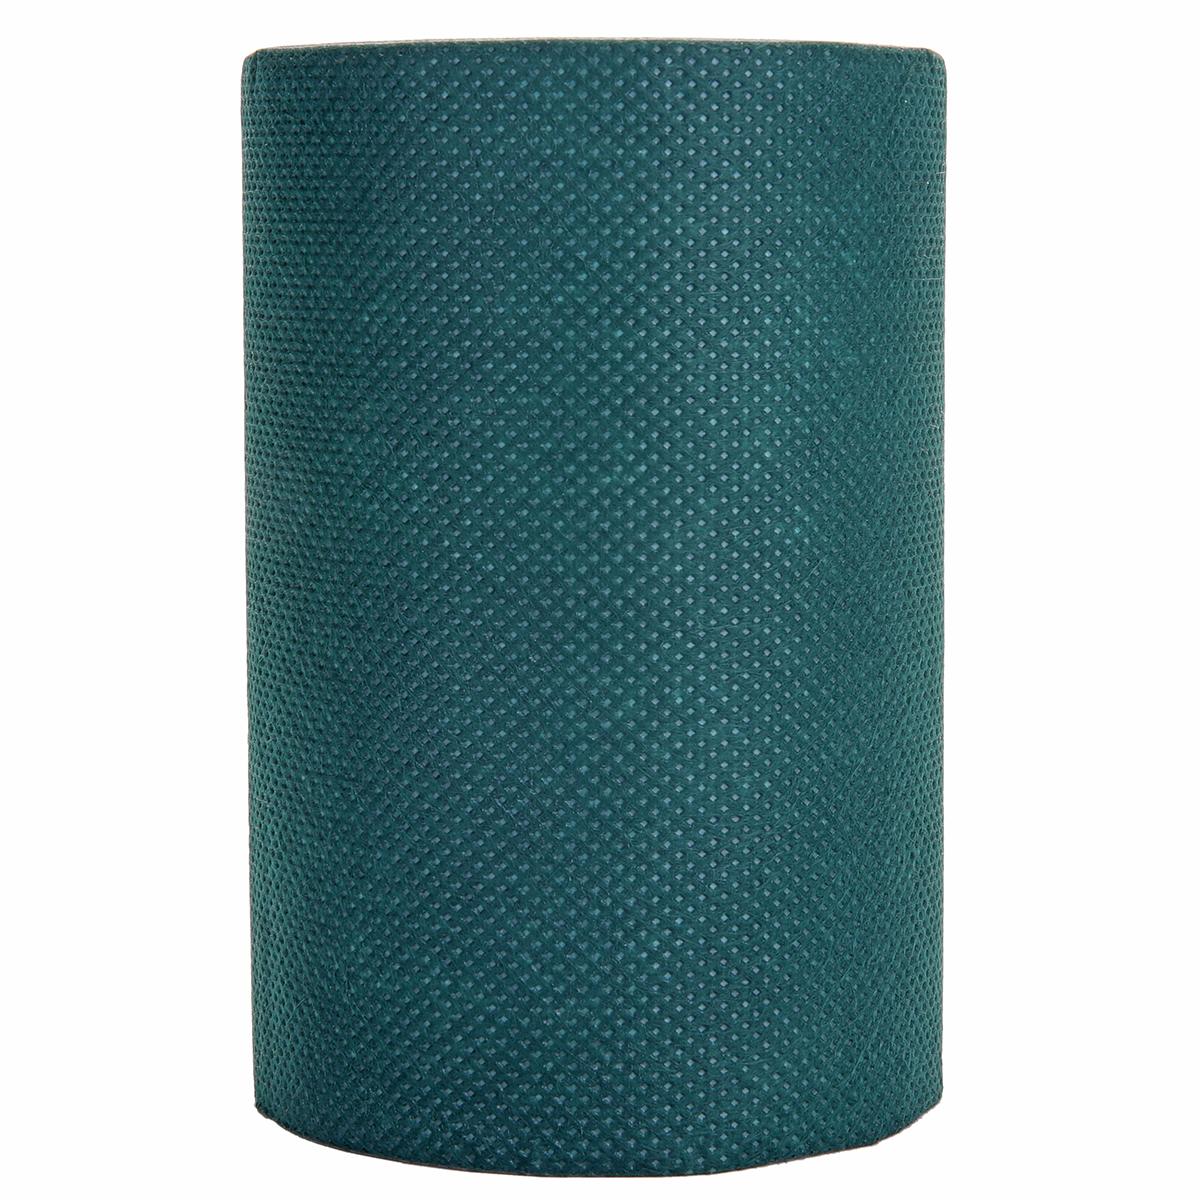 10m ruban auto adh sif tapis pelouse artificiel gazon synth tique jardin d cor eur 13 33. Black Bedroom Furniture Sets. Home Design Ideas